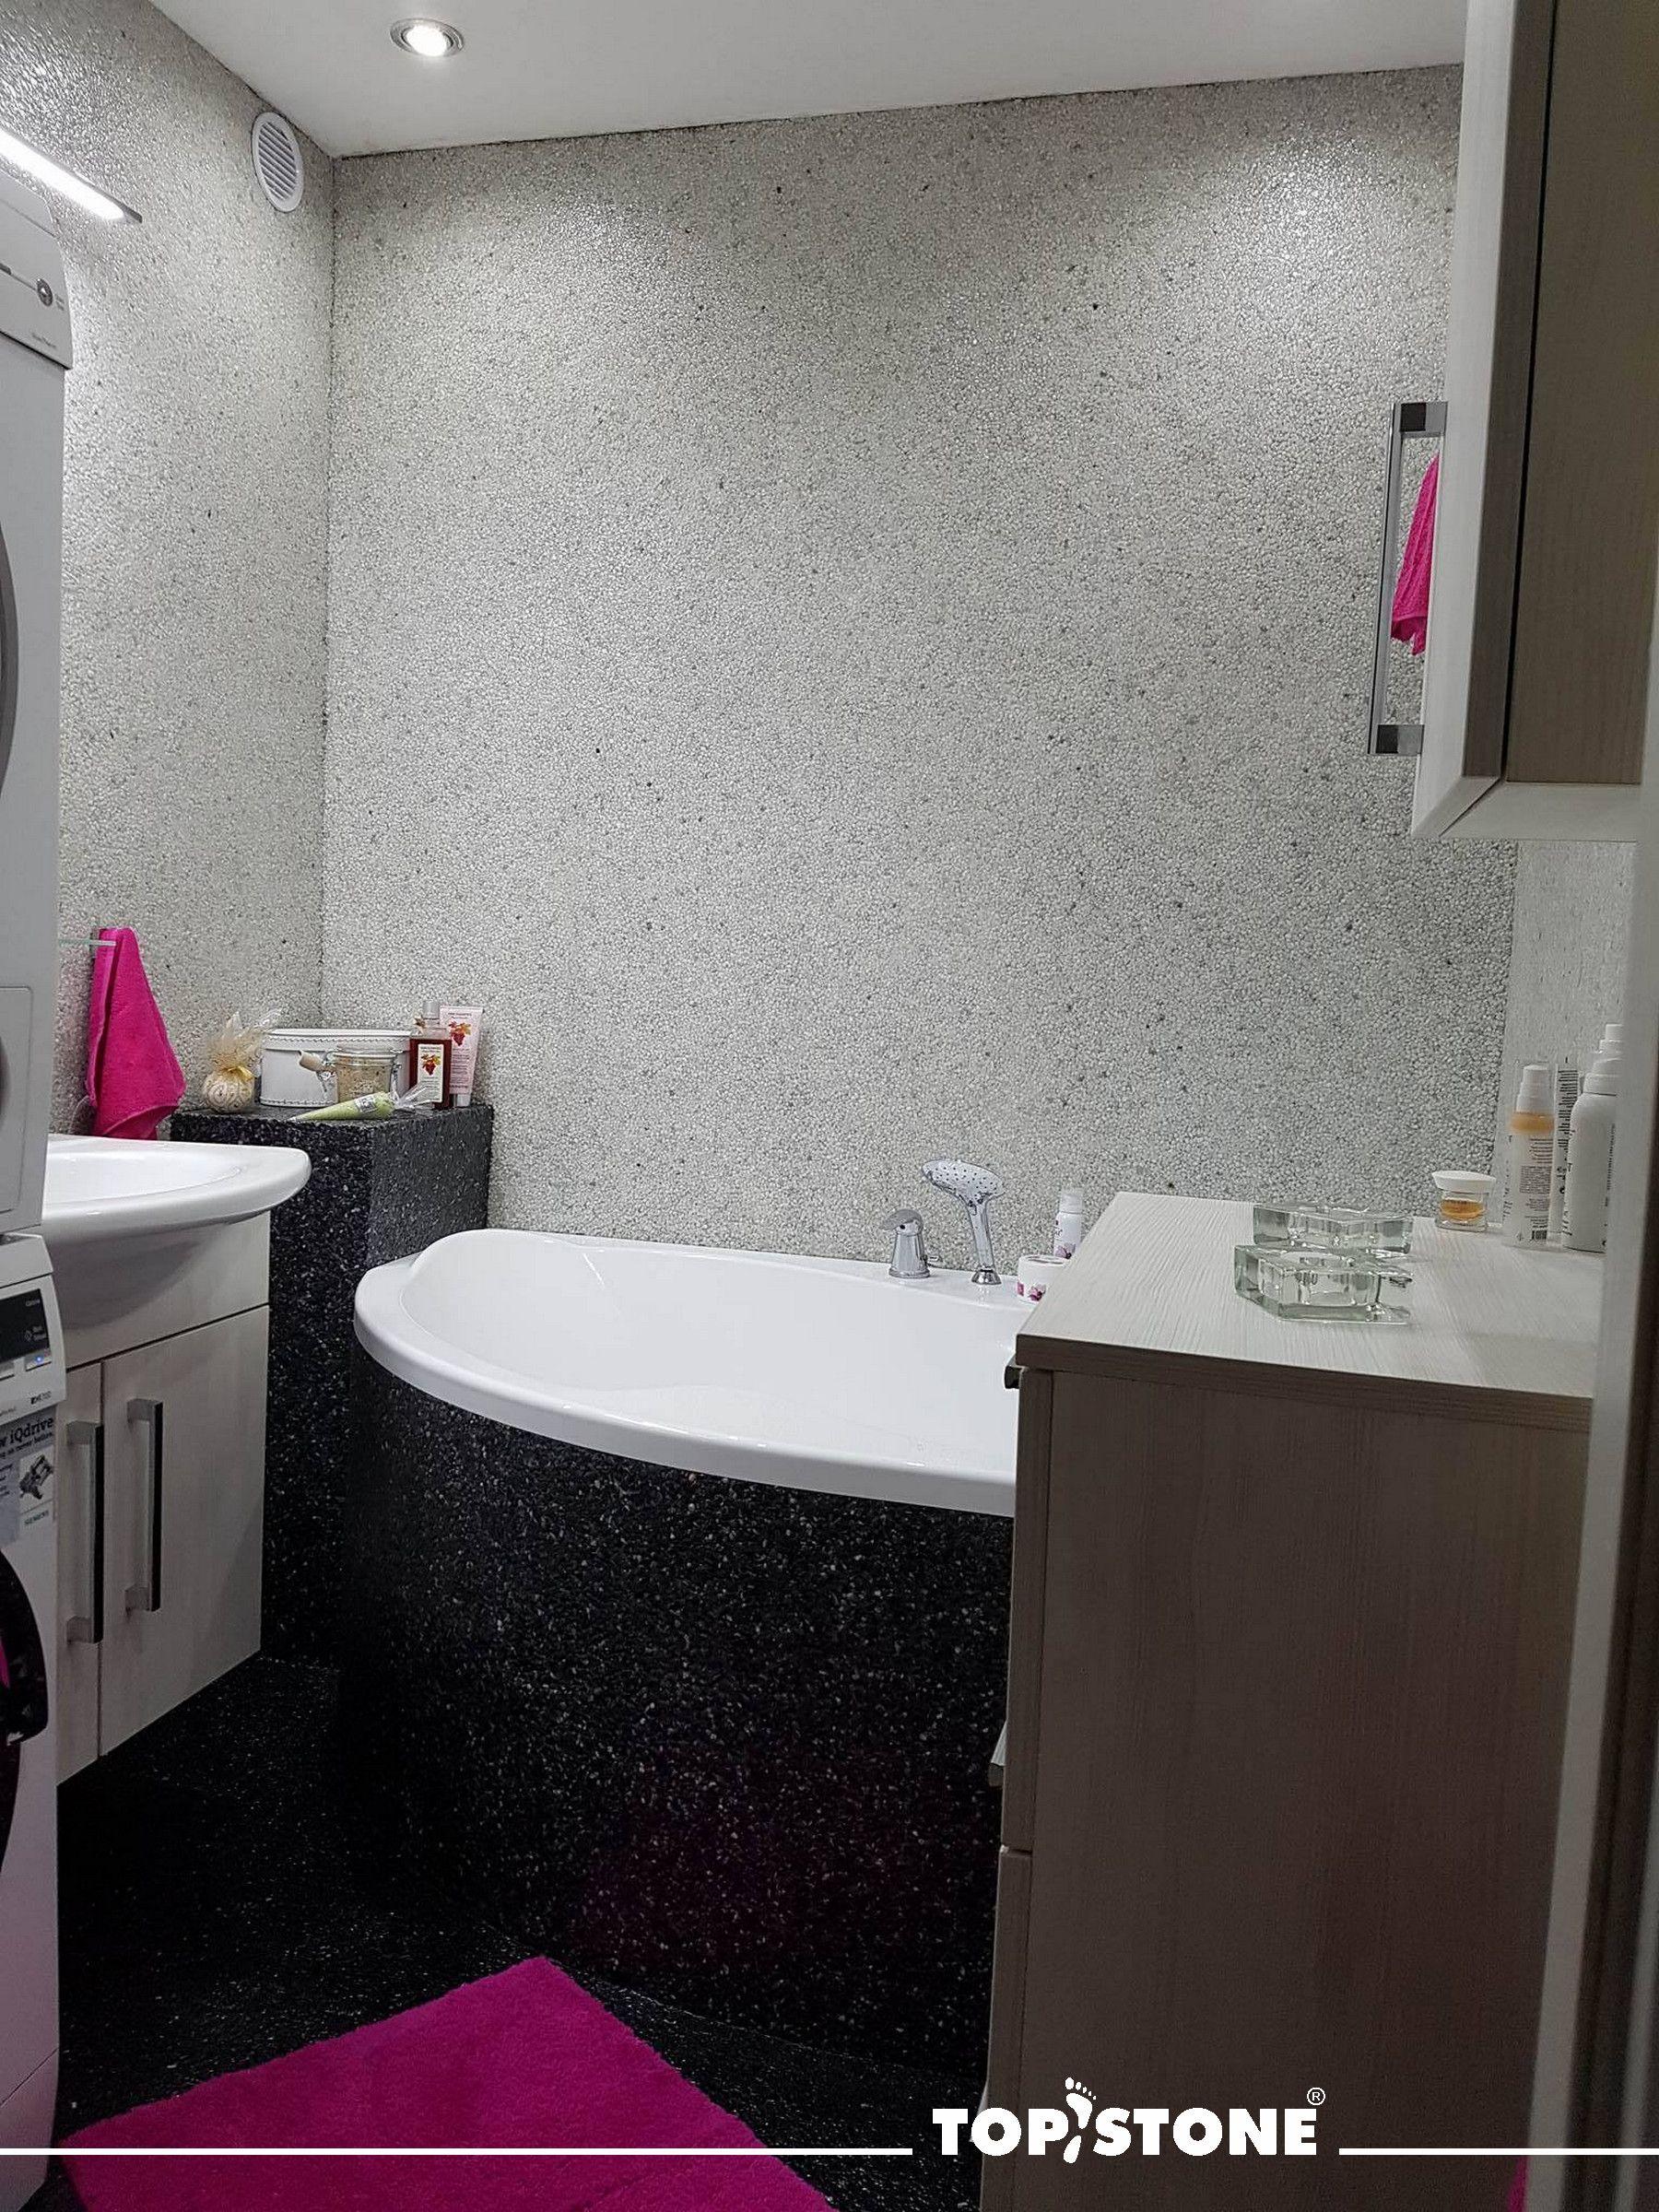 """""""Sbohem zubní kartáčku..."""" napsala nám šťastná zákaznice Monika :). """"Už žádné čištění spár na kolenou, jen vysaju a vytřu........"""" Oprava bytového jádra (koupelna, wc) na původní kachličky. Hotovo za 5 dní. Použitý materiál Mramorový koberec TopStone Nero Ebano, Grigio Carnico a Bianco Cararra. http://eshop.topstone.cz/kaminkove…/…/mramorovy-kaminek.html Celá struktura je uzavřena plničem pórů TopGel. Děkujeme za zaslané fotografie a paní Monice s rodinou přejeme spokojené žití!"""